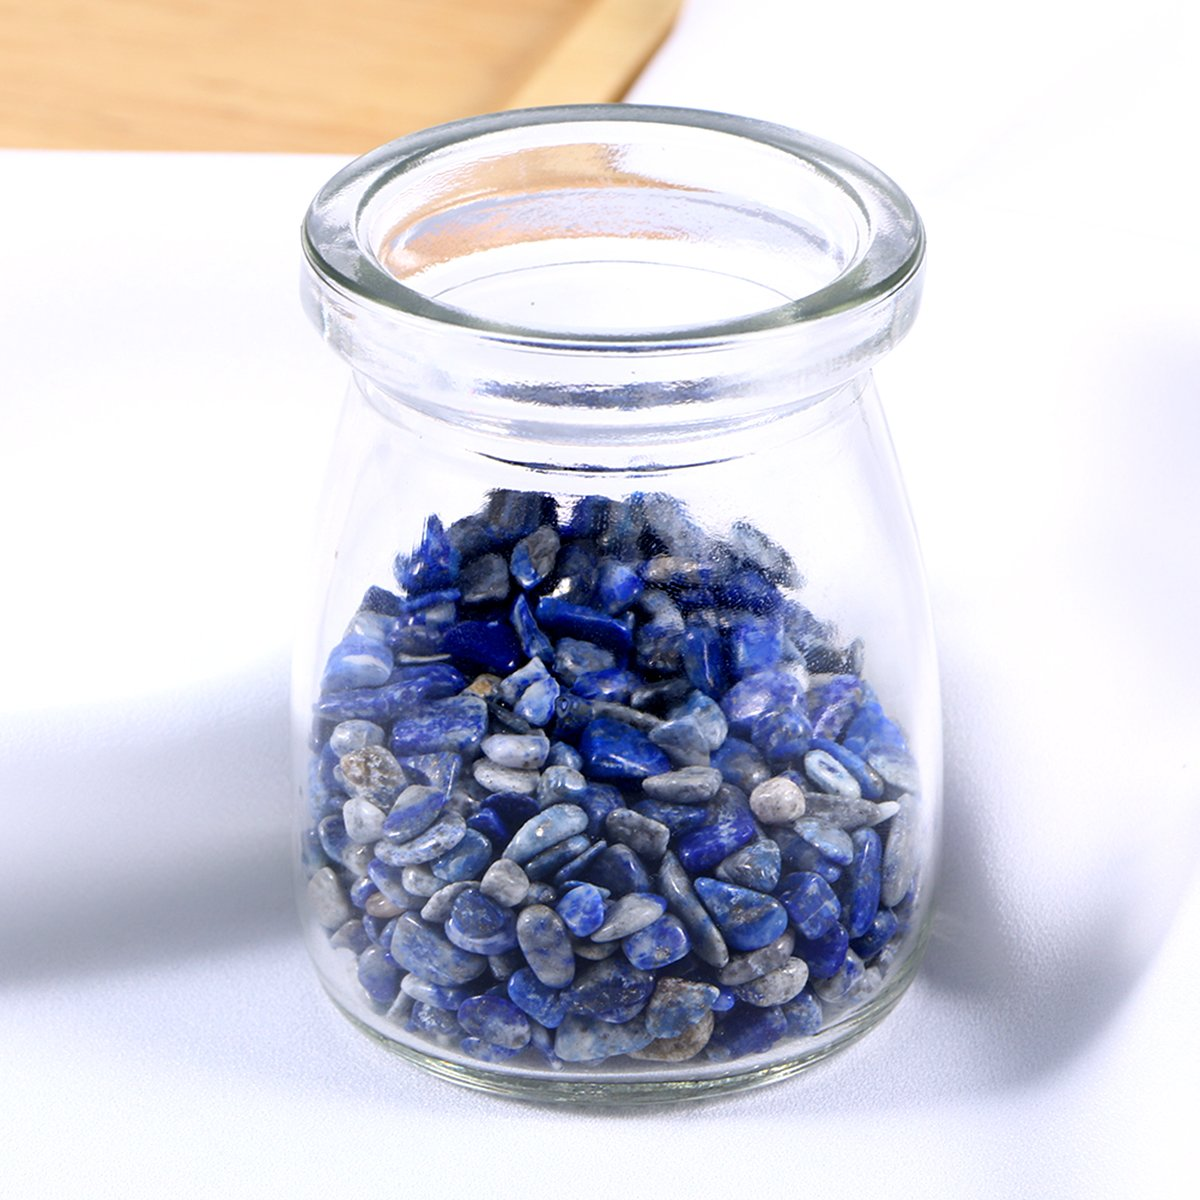 ueetek Mixed Color pulido grava decorativa River Rock piedras para peces tanque acuario (azul): Amazon.es: Electrónica